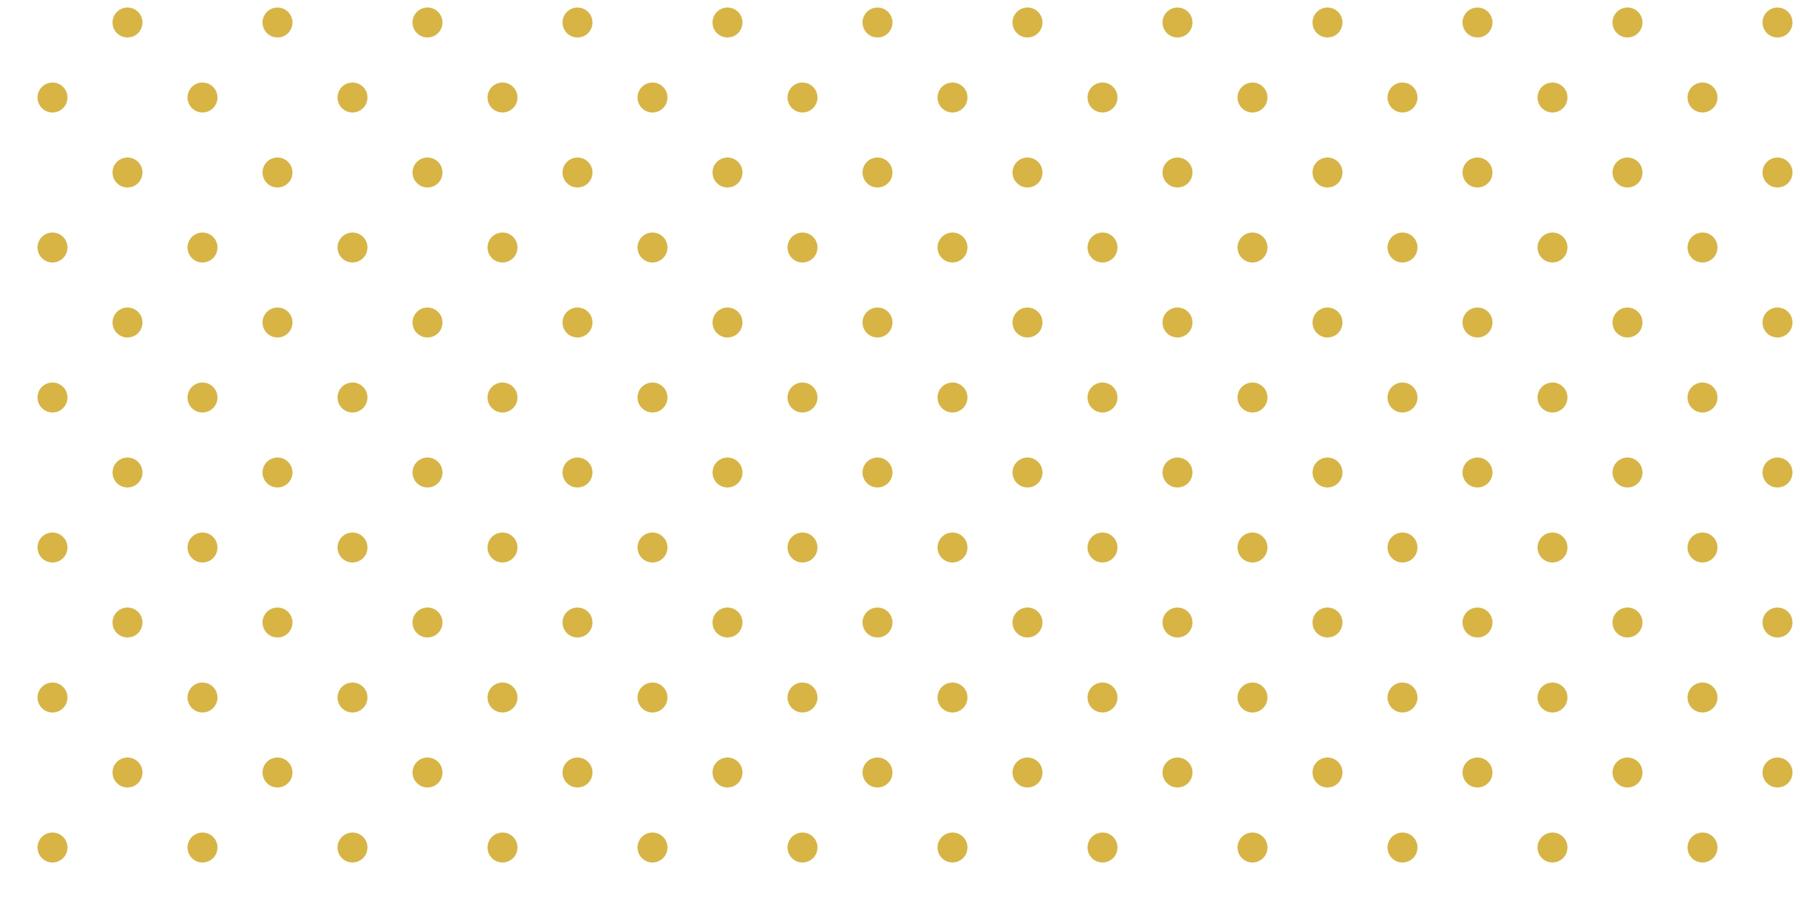 Dots clipart gold dot #9